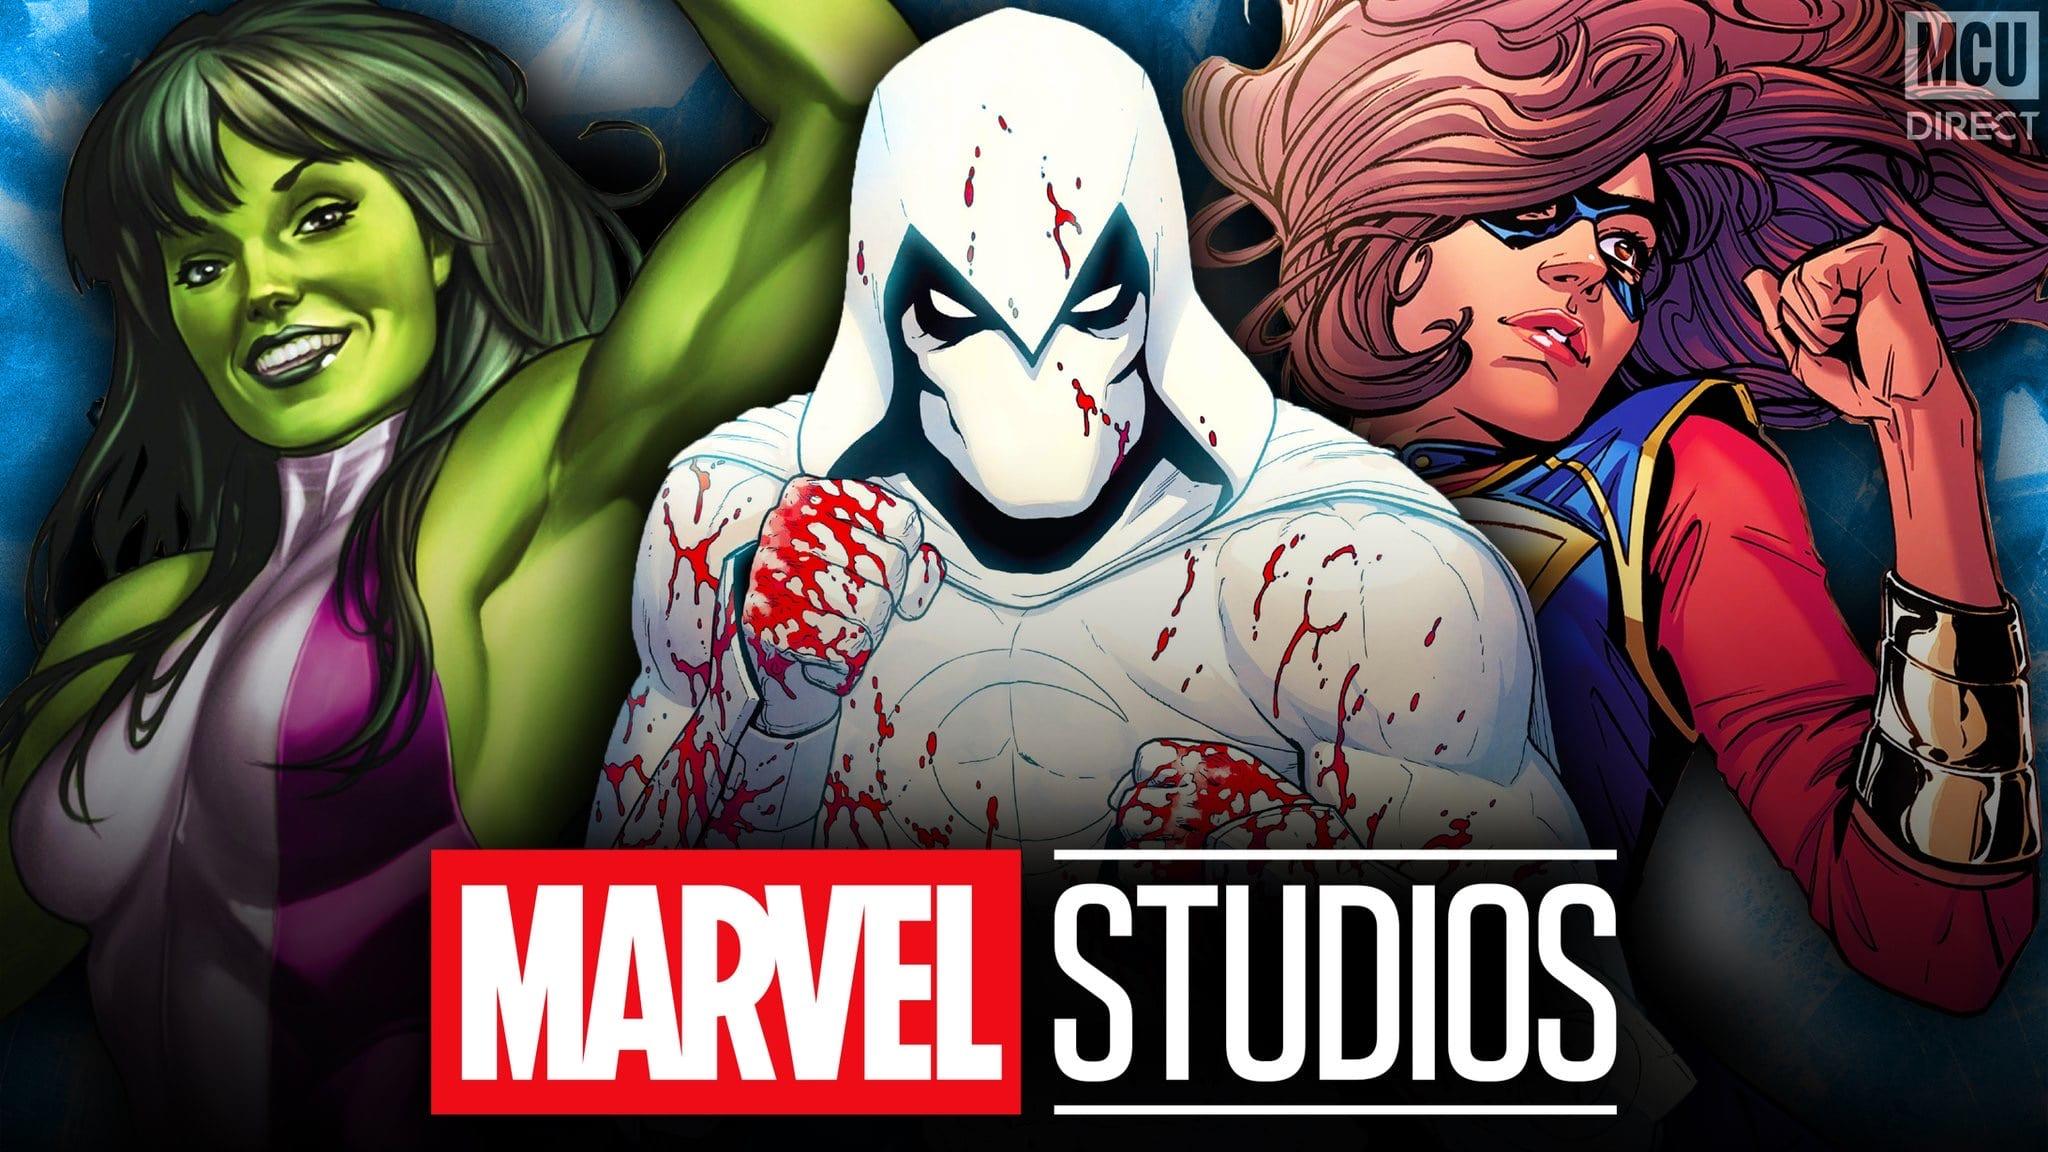 Kevin Feige potvrdio da će se likovi koji debitiraju u Marvel Disney+ serijama pojaviti i u filmovima